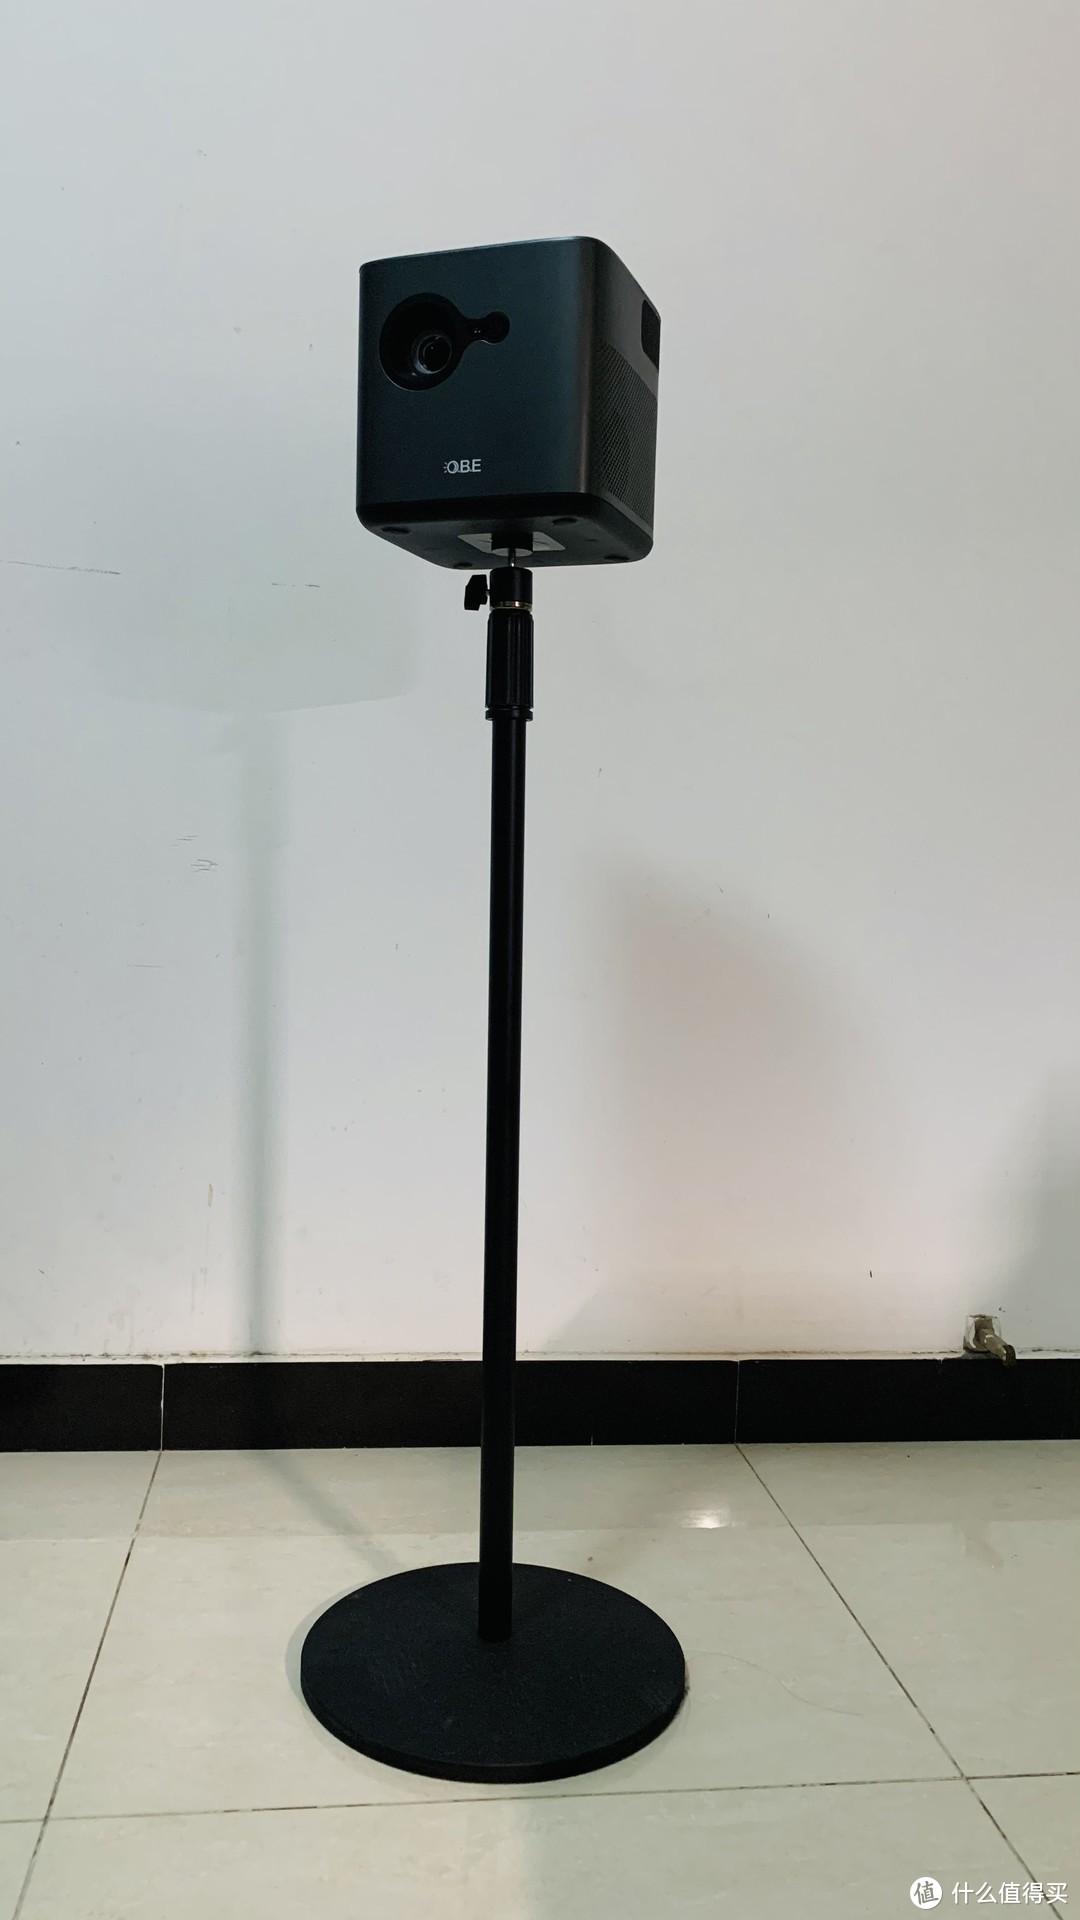 不吹不黑,首发入手的大眼橙NEW X7D家用投影仪到底怎么样?